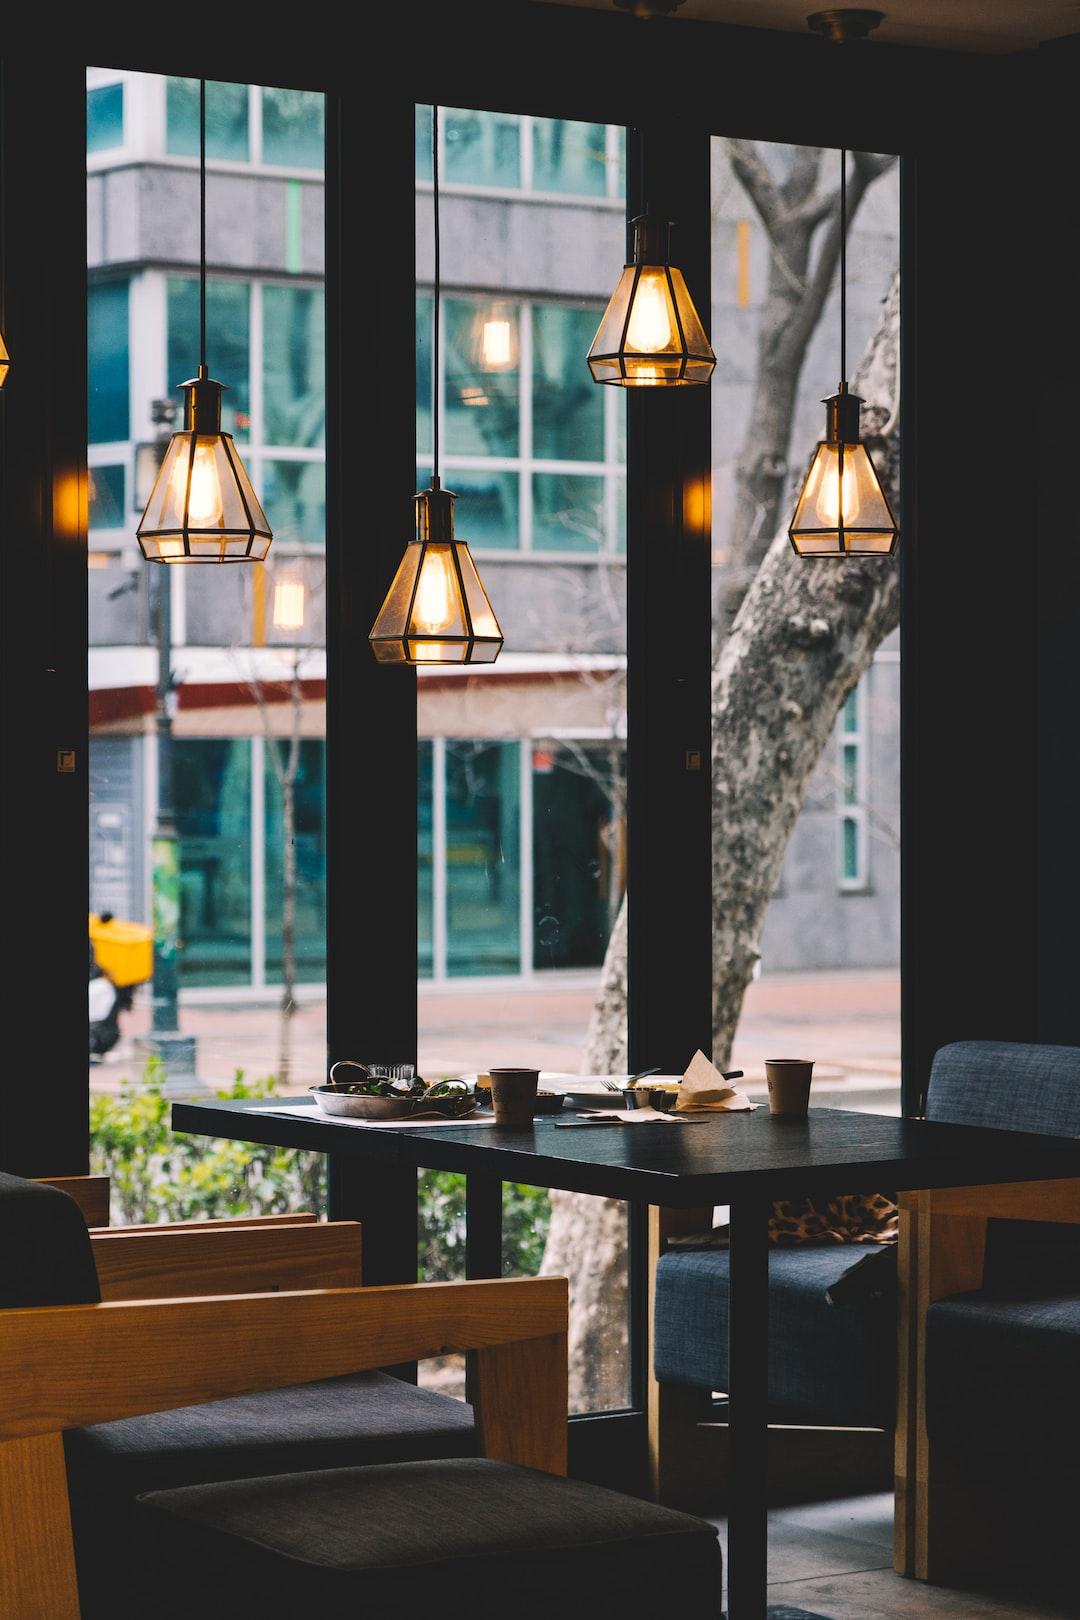 Restaurant Furniture for Massachusetts